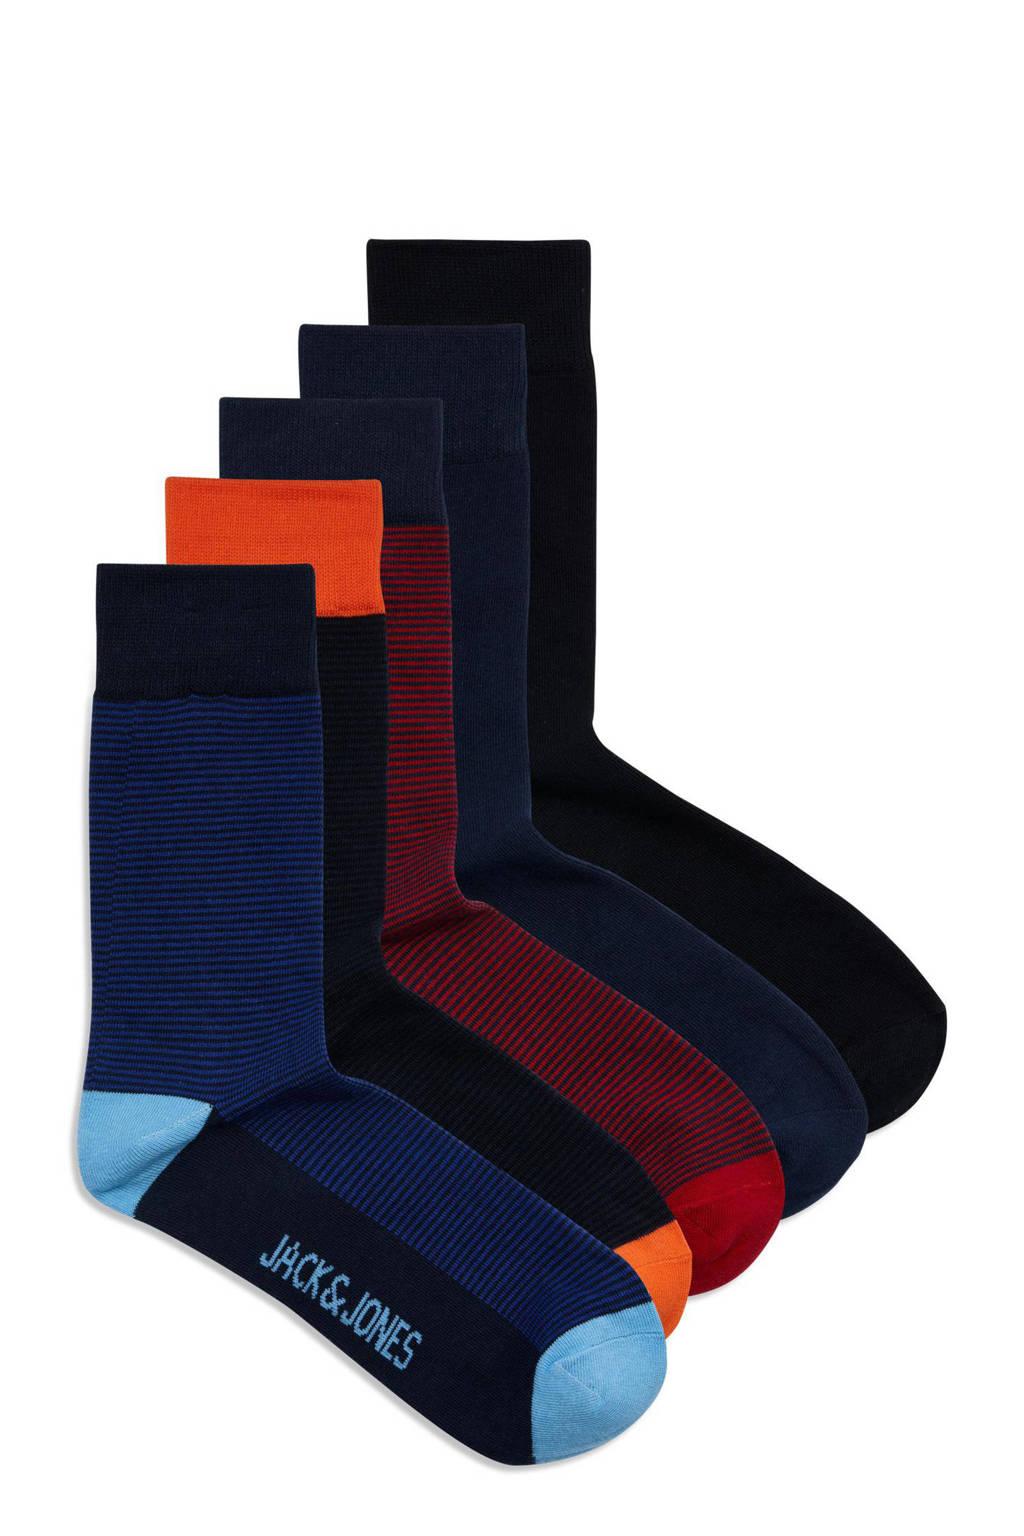 JACK & JONES sokken David - set van 5 zwart/rood, Zwart/rood/blauw